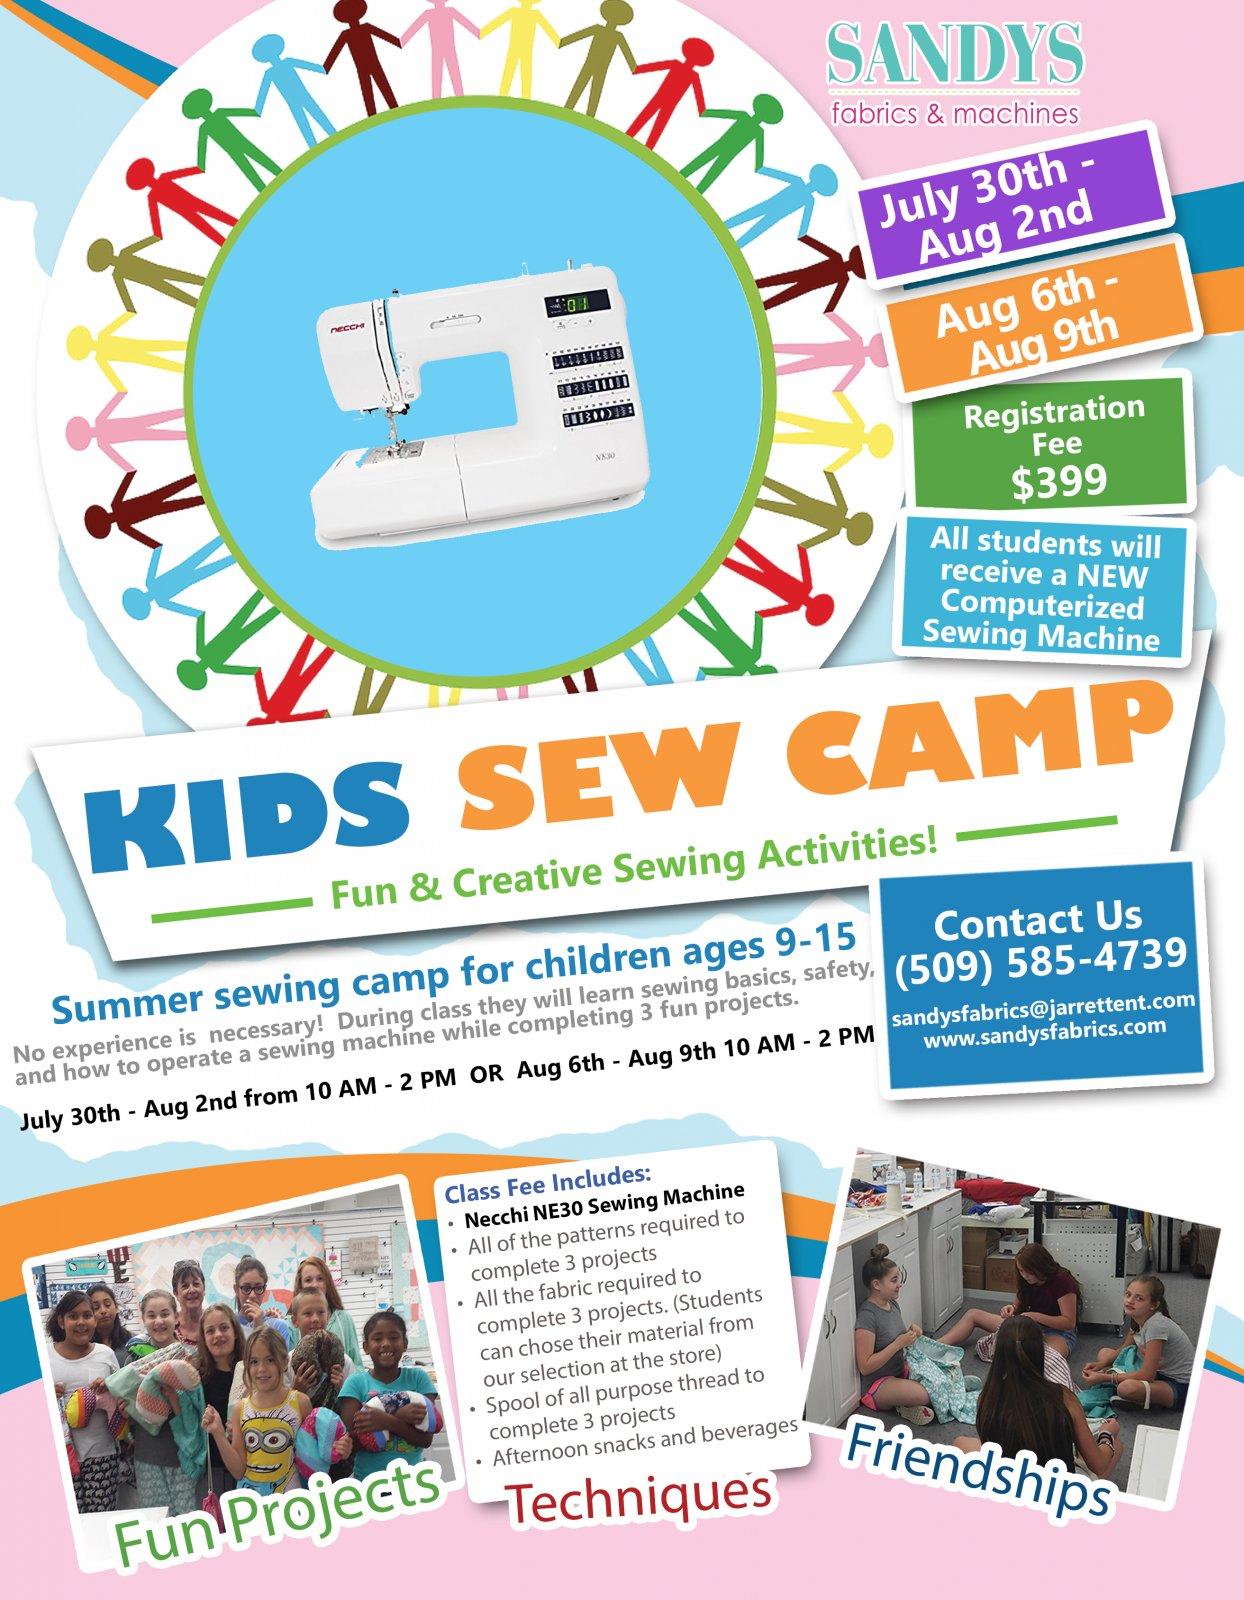 Kids Sew Camp